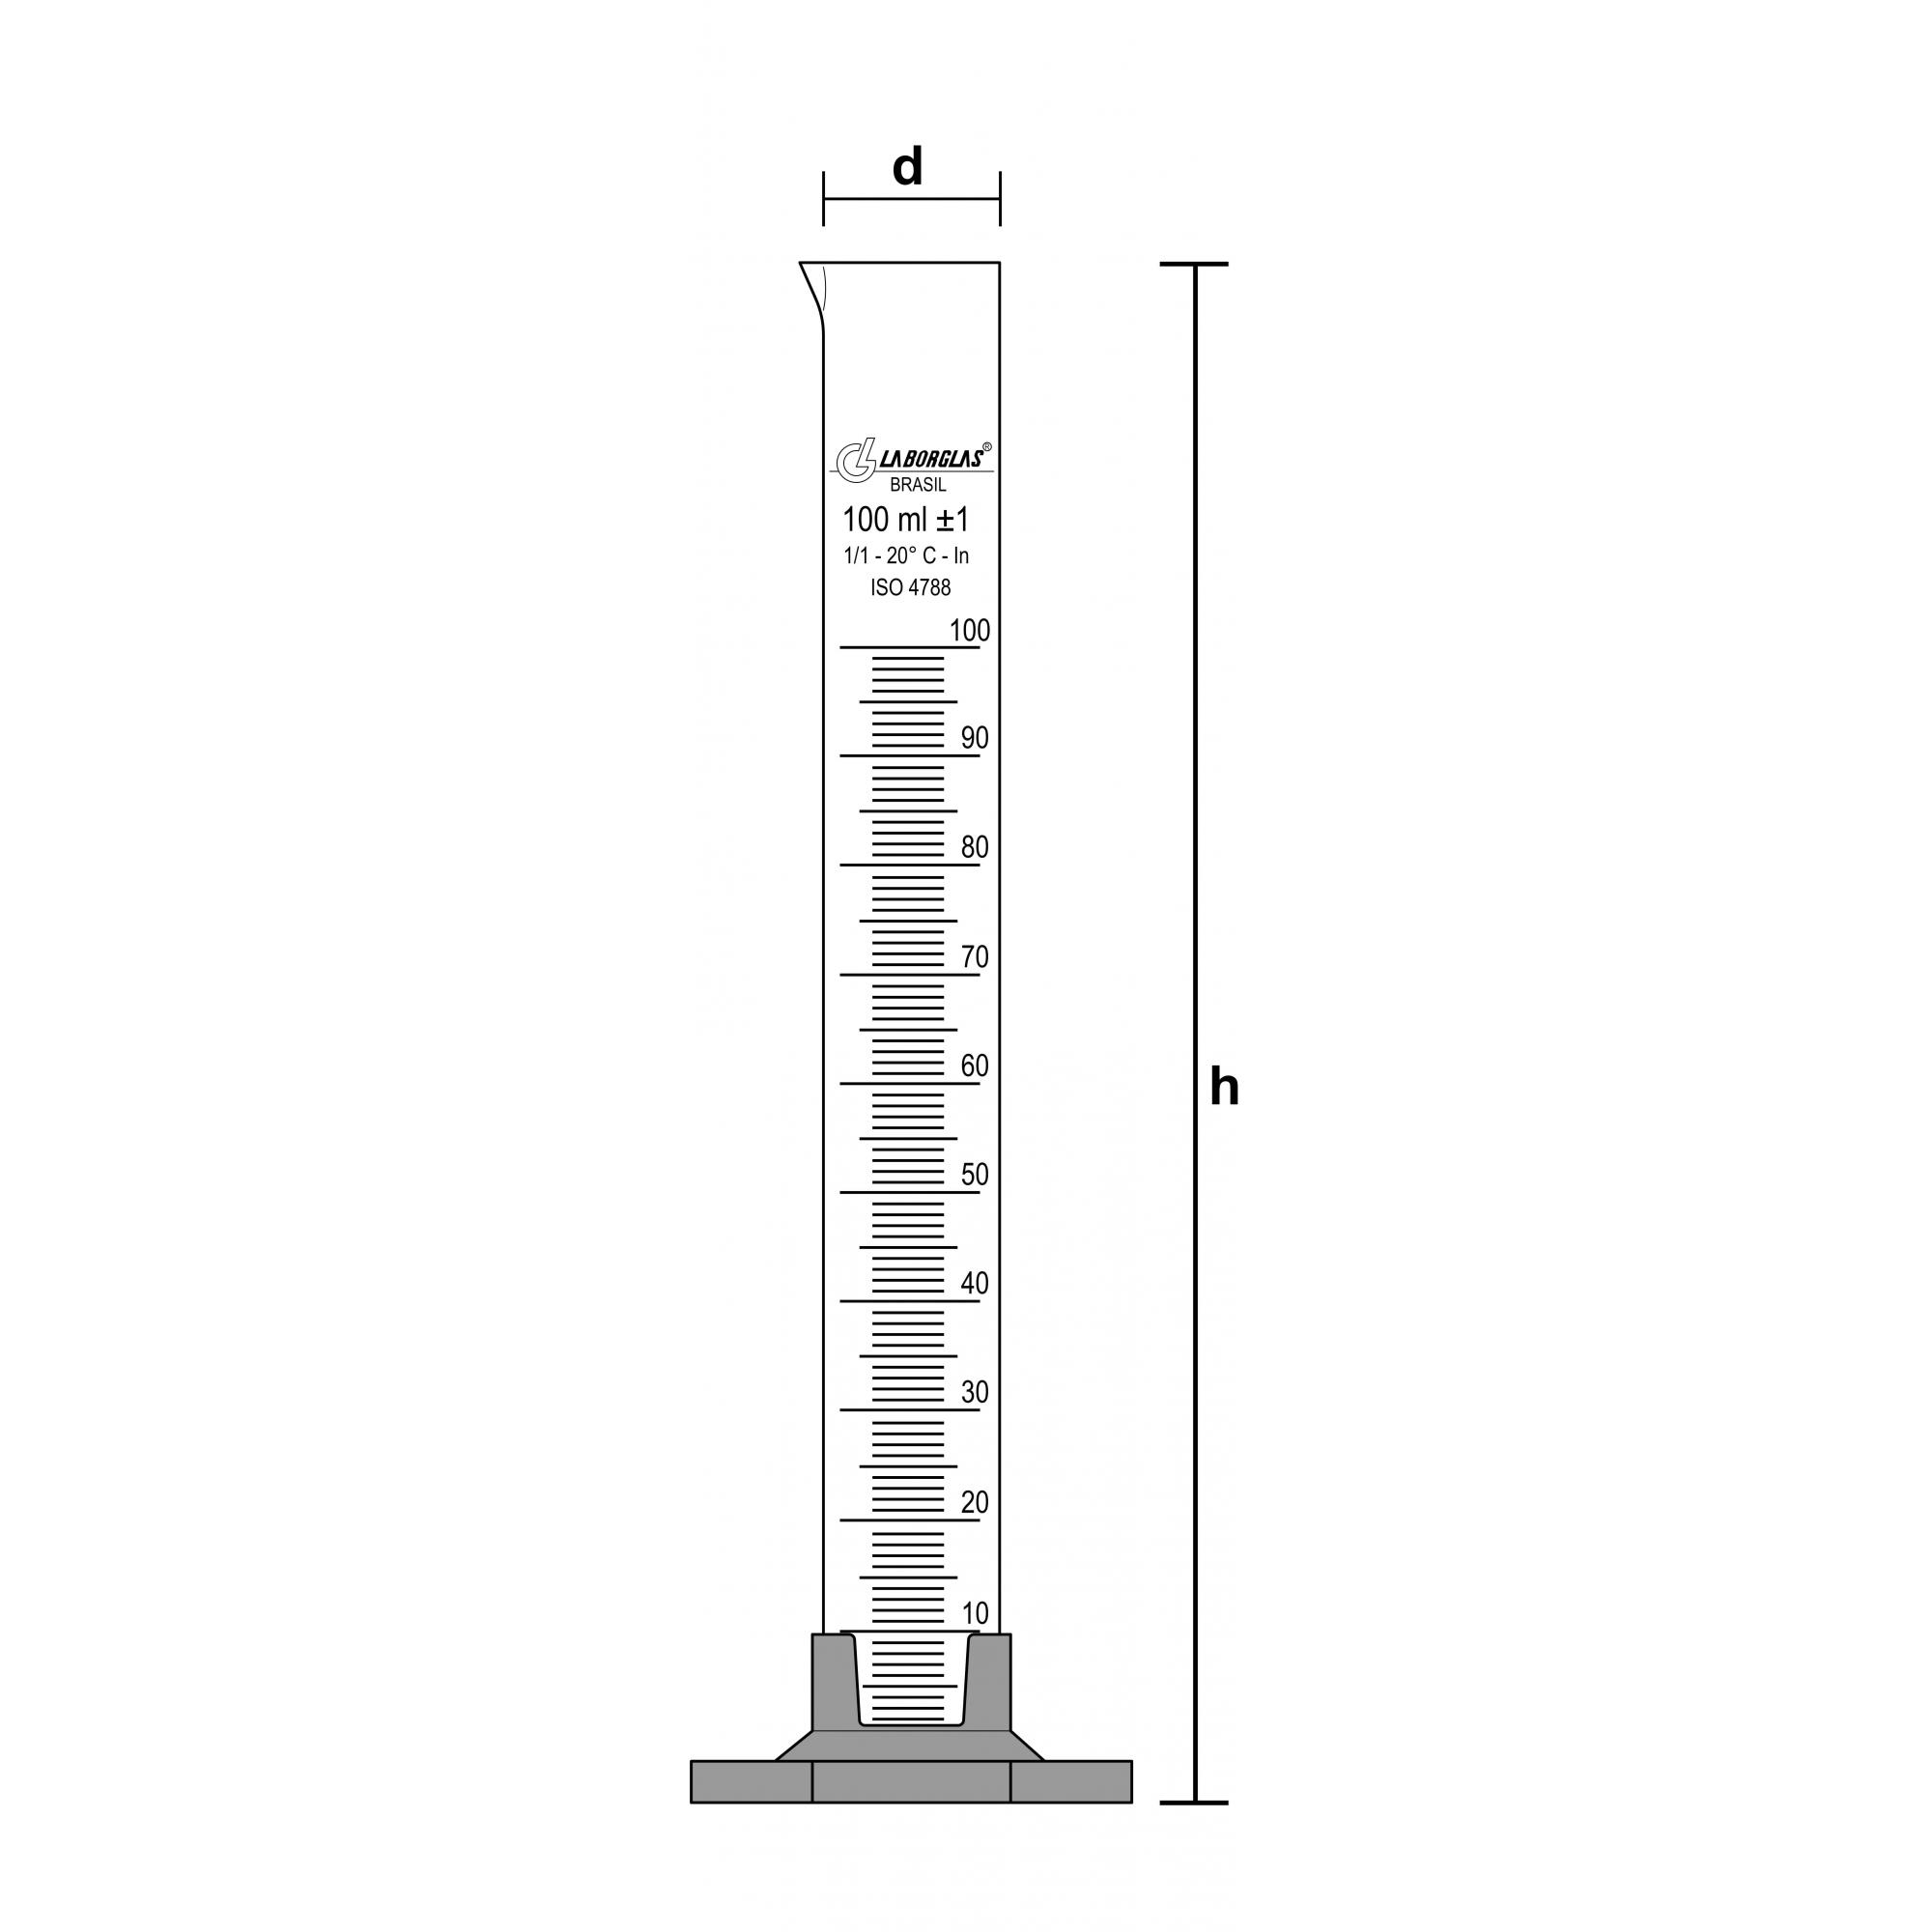 PROVETA GRADUADA BASE HEXAGONAL DE POLIPROPILENO 2000 ML - Laborglas - Cód. 9138663